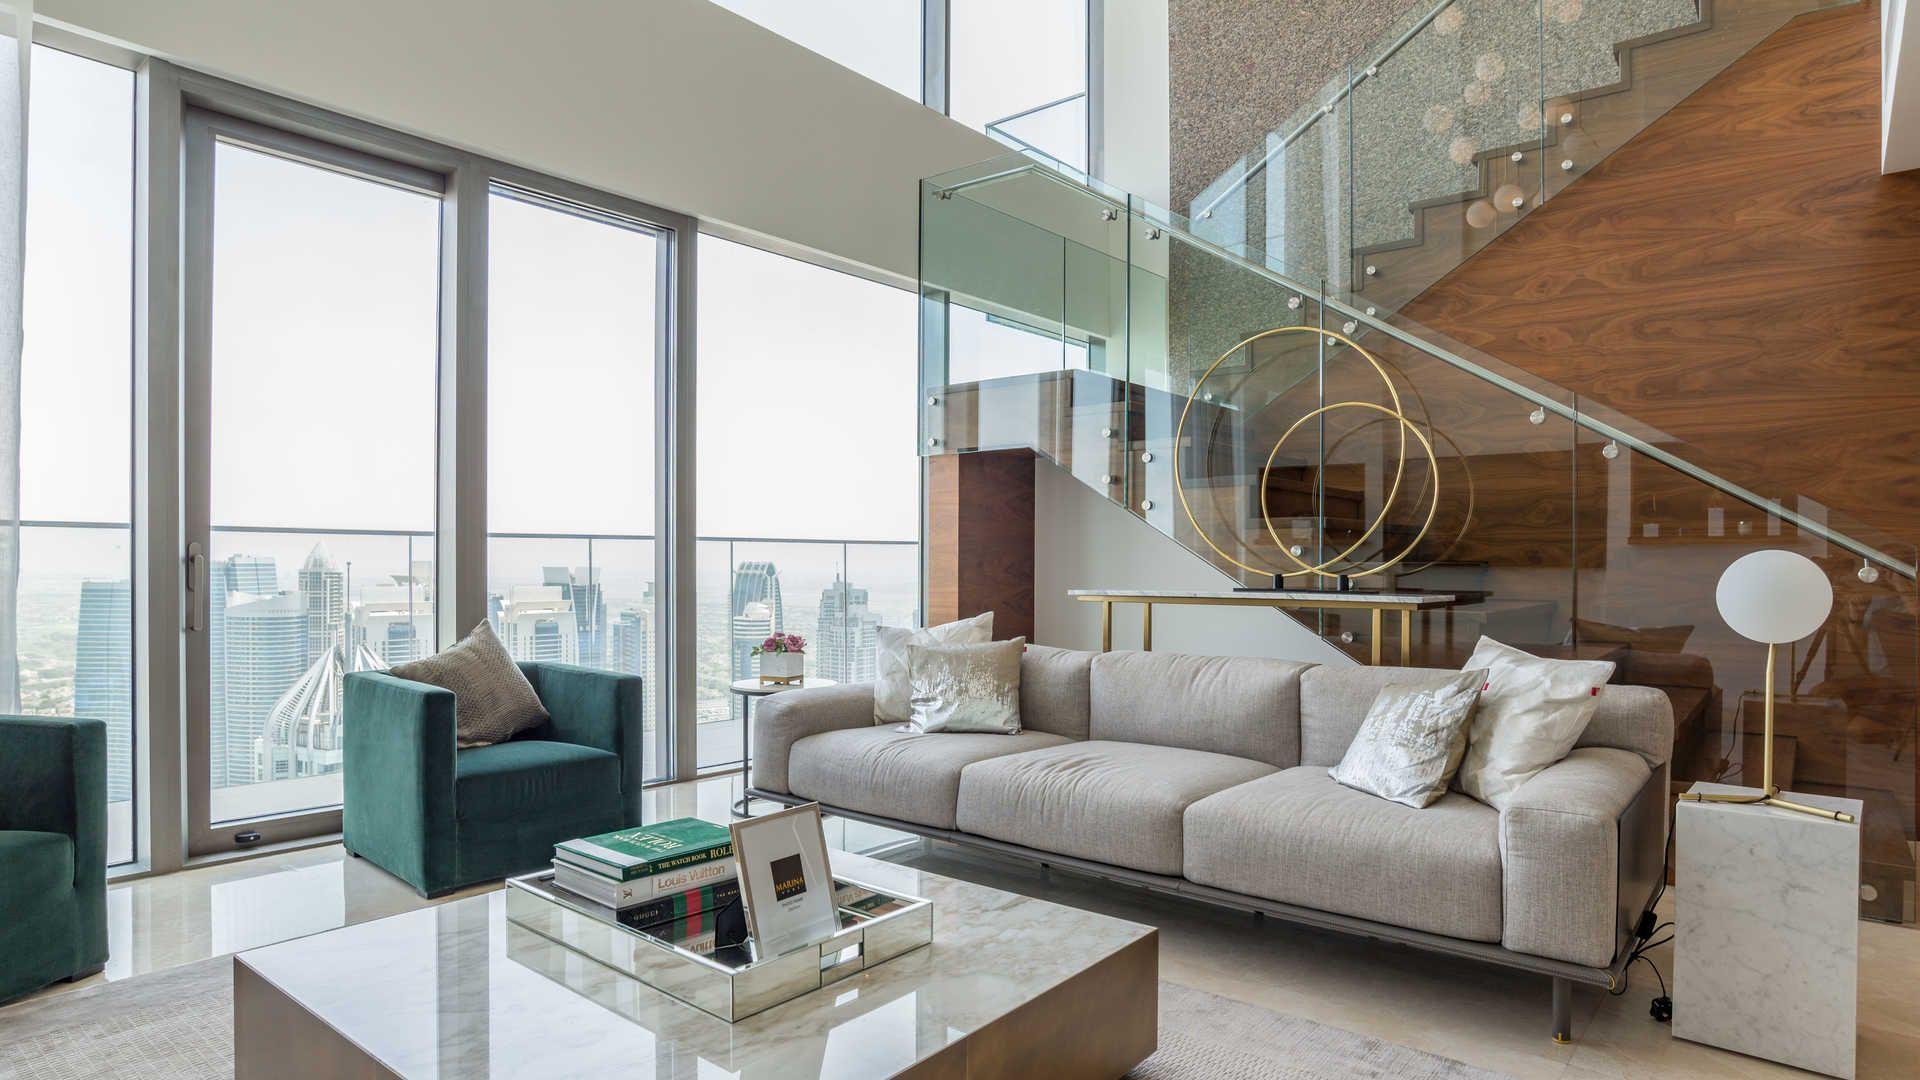 Penthouse in marina gate for sale  #Dubai #luxuryproperty